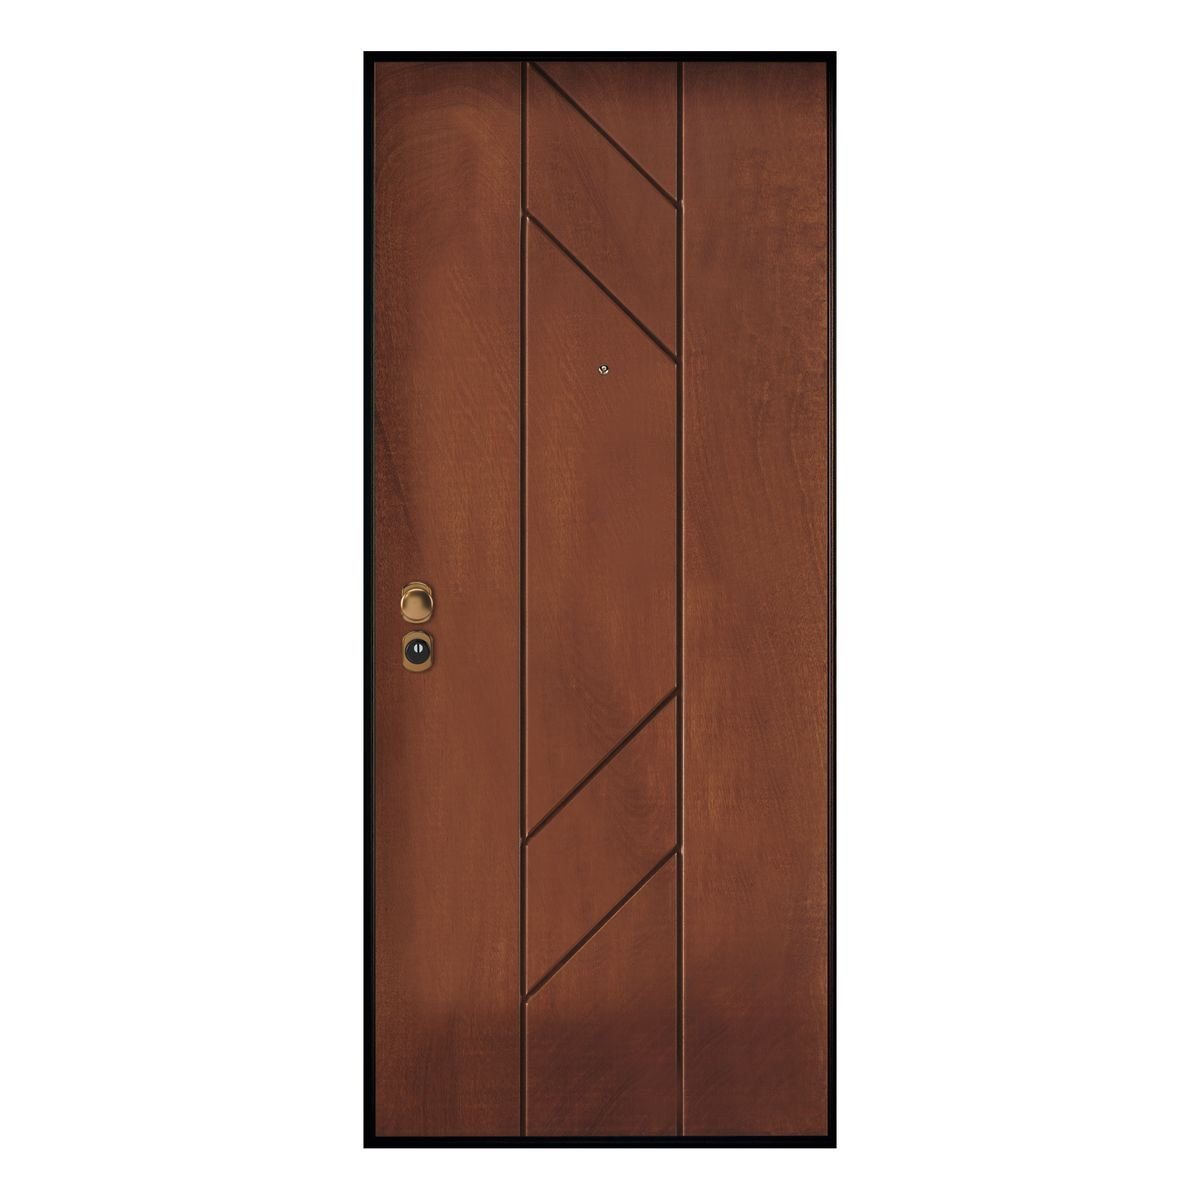 Porta blindata Perfect noce L 90 x H 210 cm dx: prezzi e offerte ...